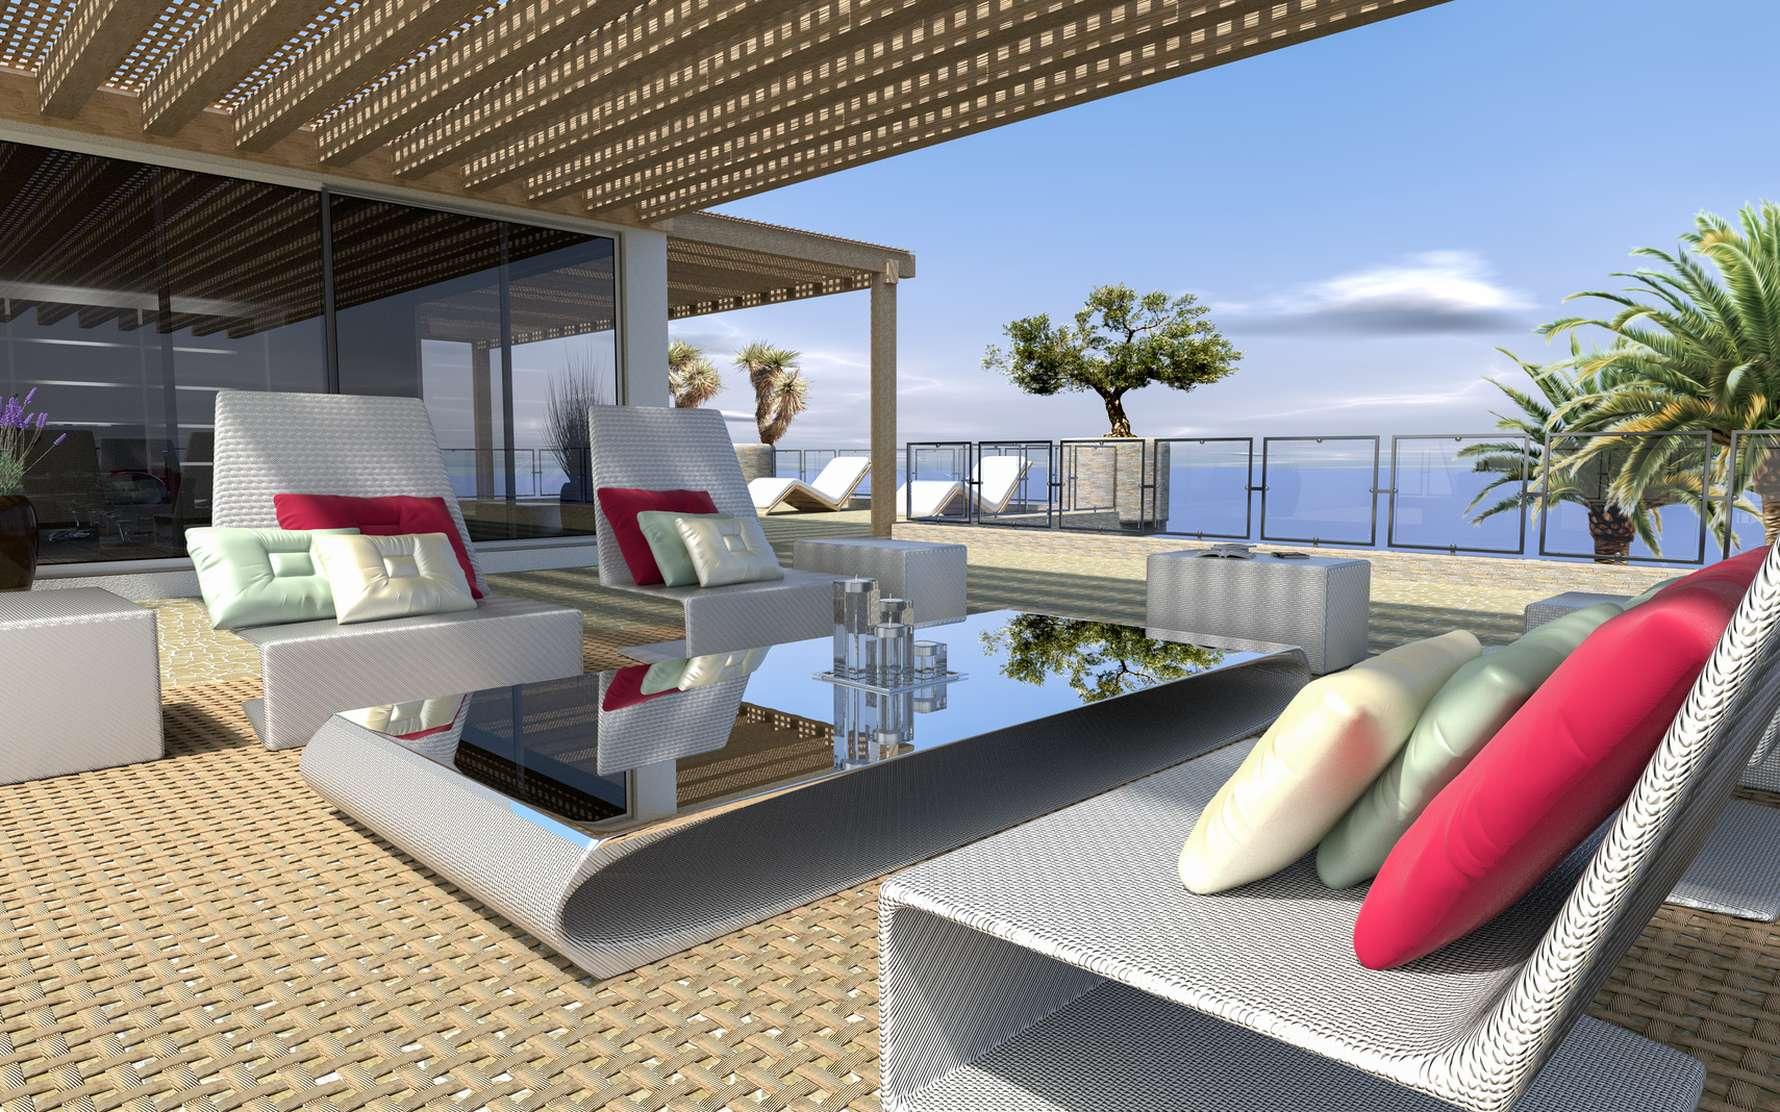 Du mobilier de terrasse confortable et facile d'entretien. © Associated Fabrication, Flickr, CC BY 2.0